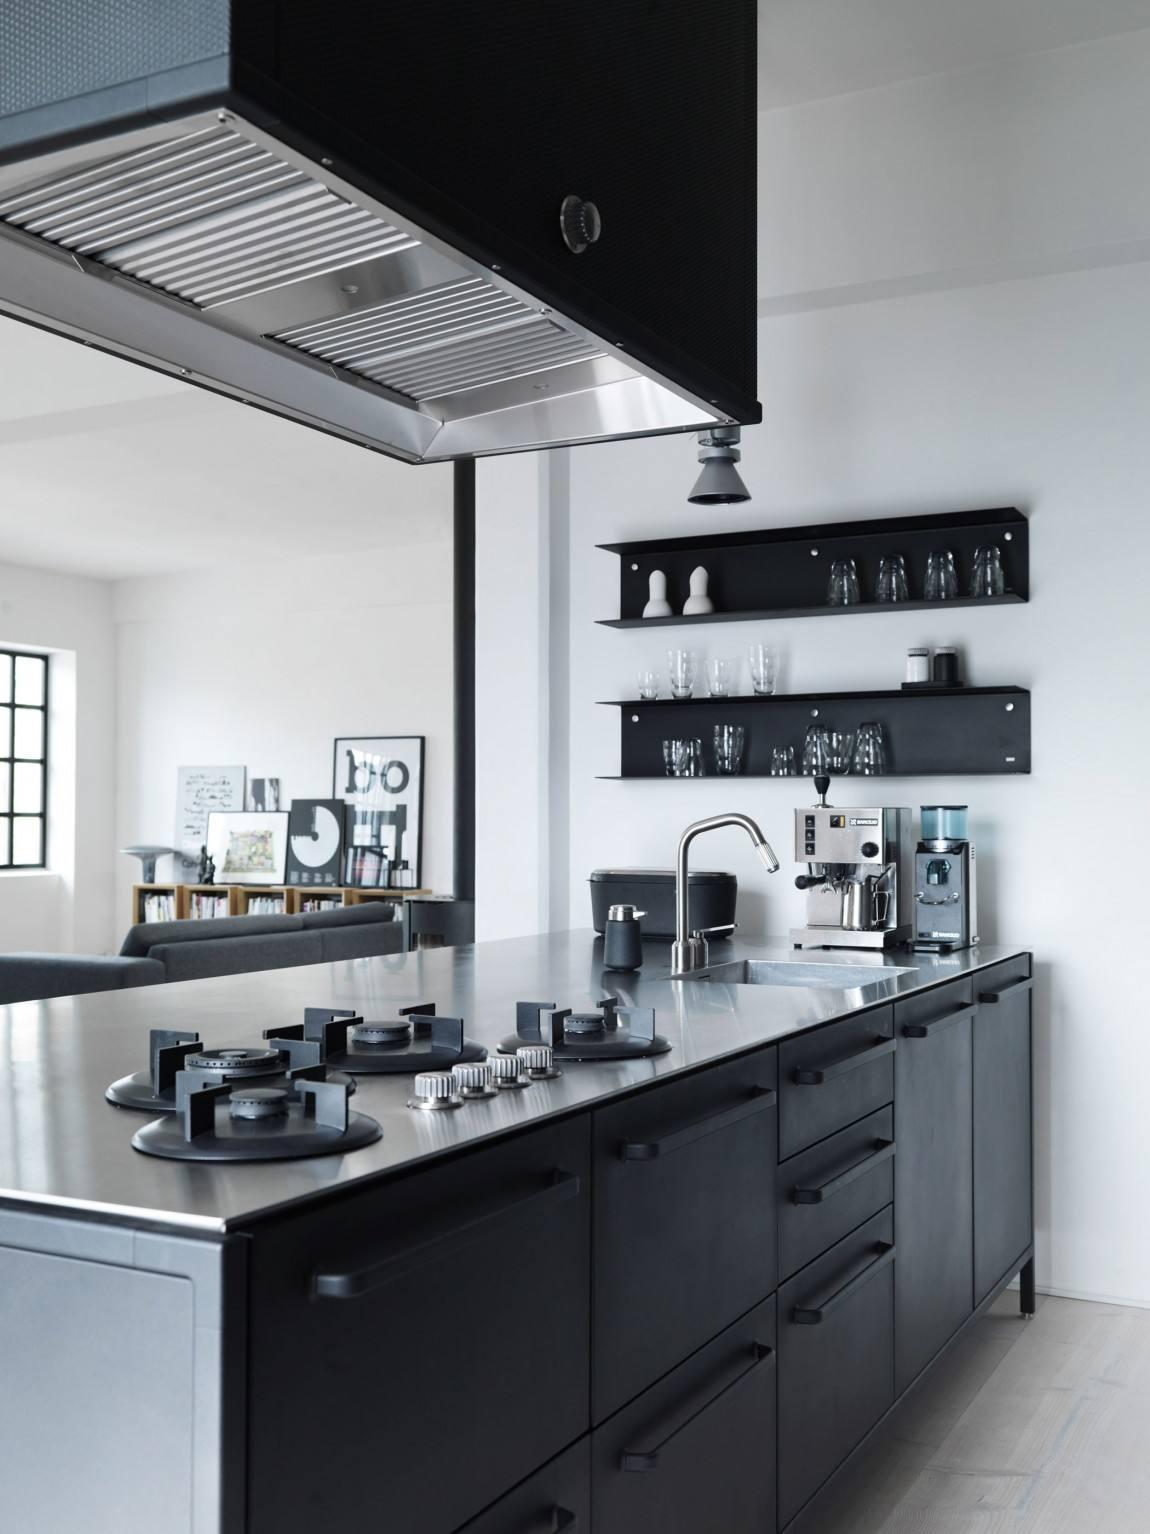 高端北欧小厨房整体灶台柜设计装修欣赏图